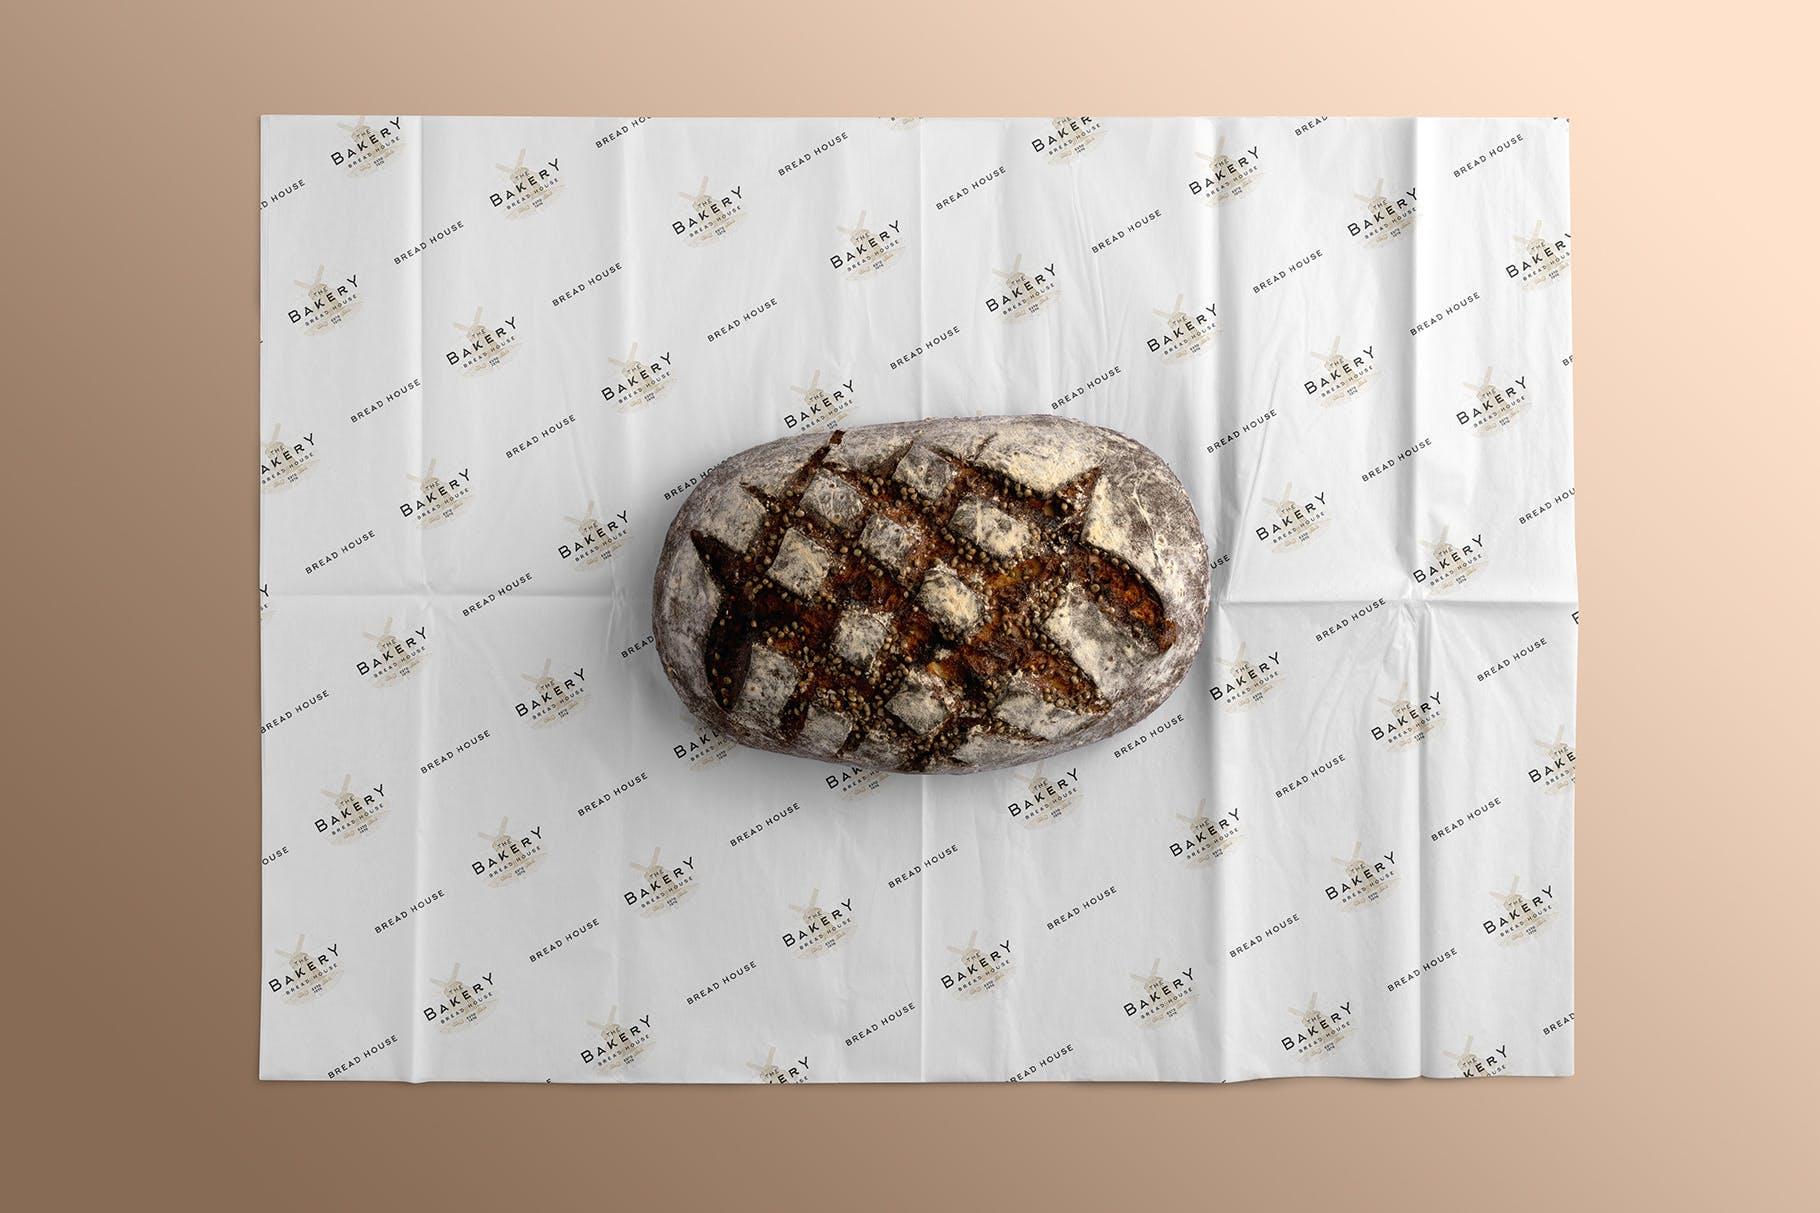 高端面包品牌样机模板素材下载 LWRTNF5插图(12)